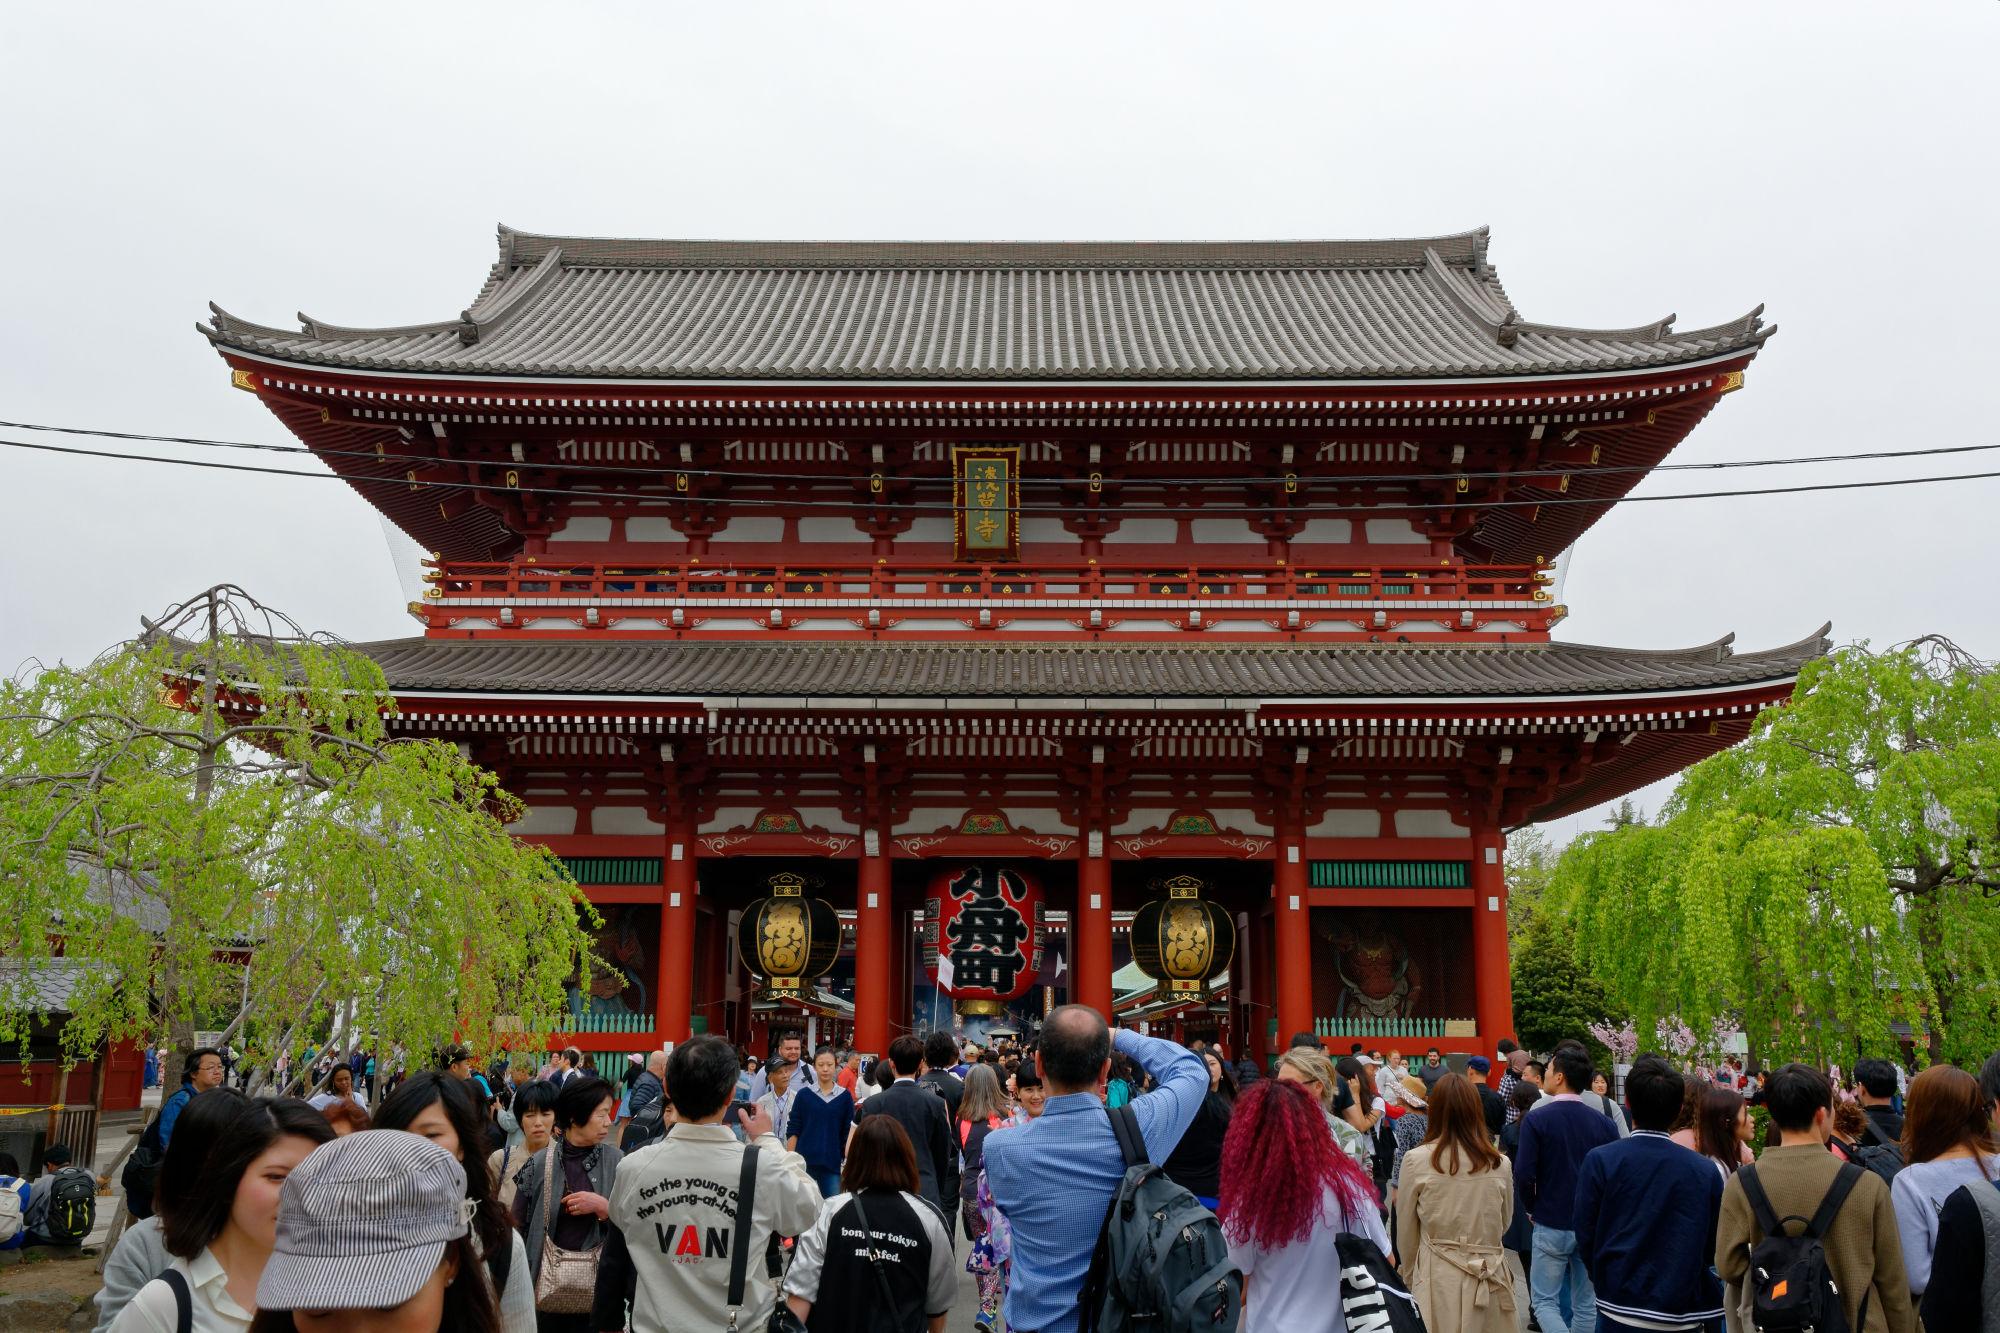 2017-04-17 13-15-41 Tokio